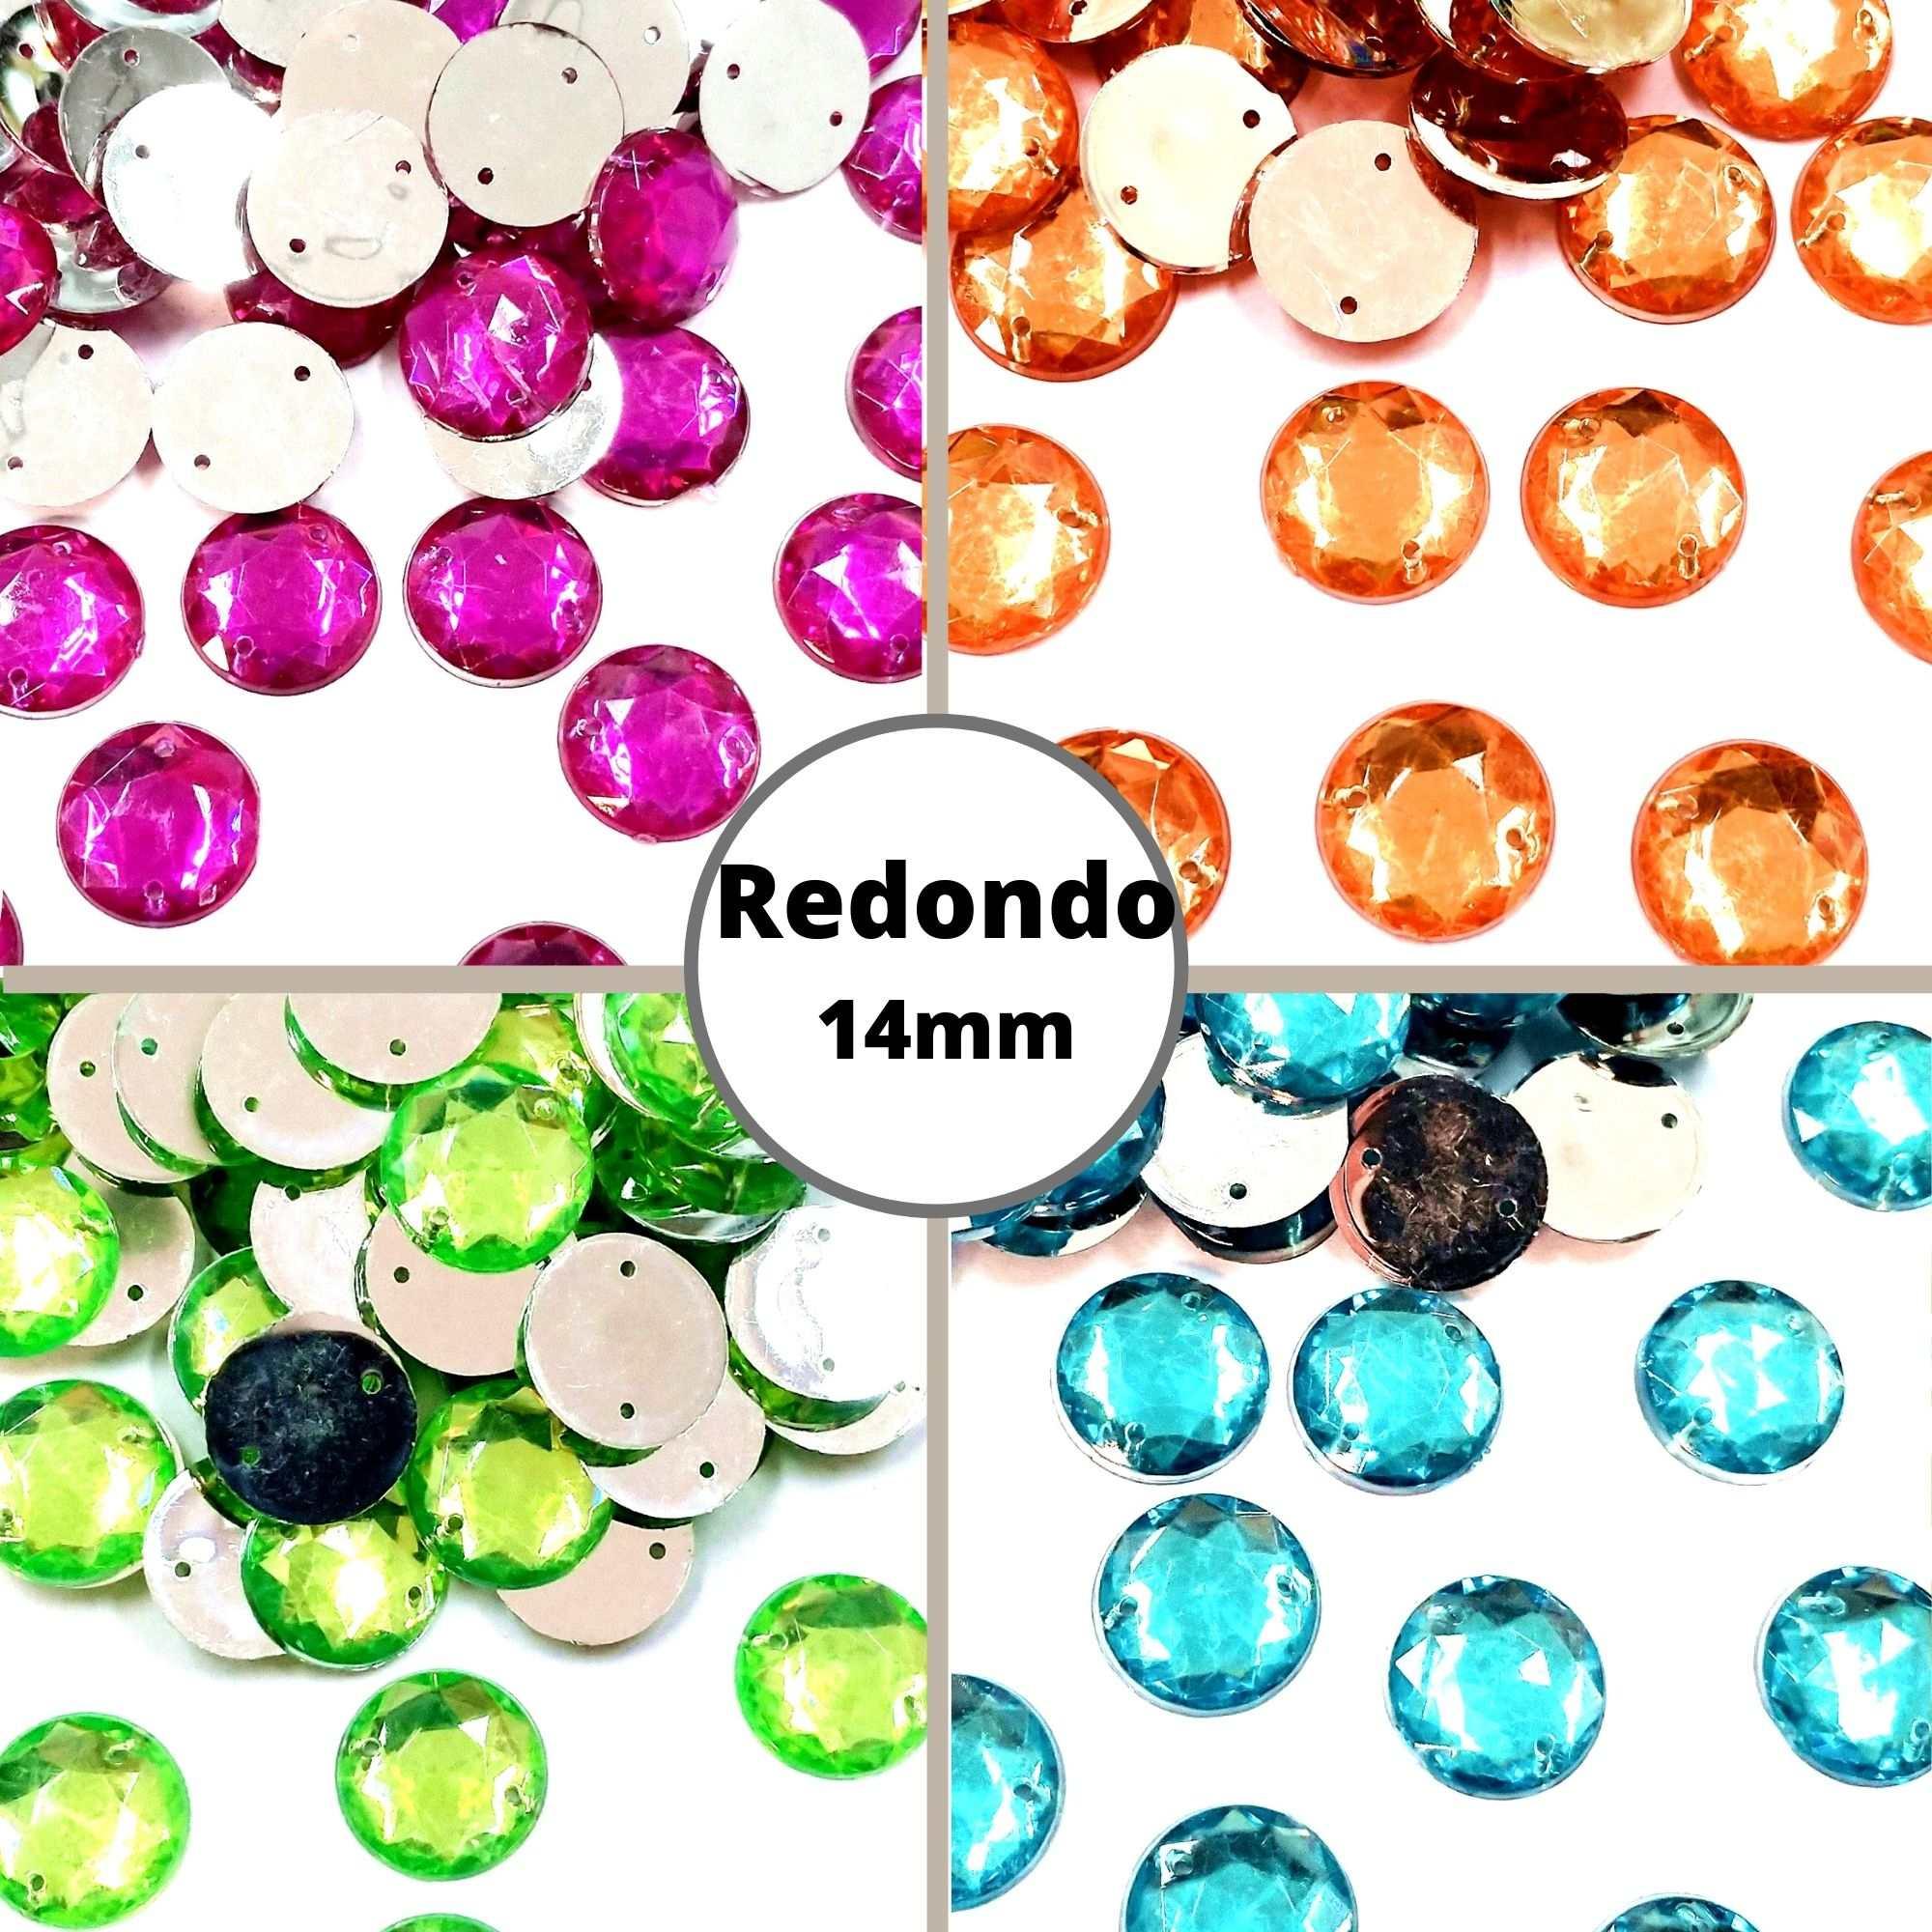 Chaton Redondo 14mm - Pacote com 200 unidades